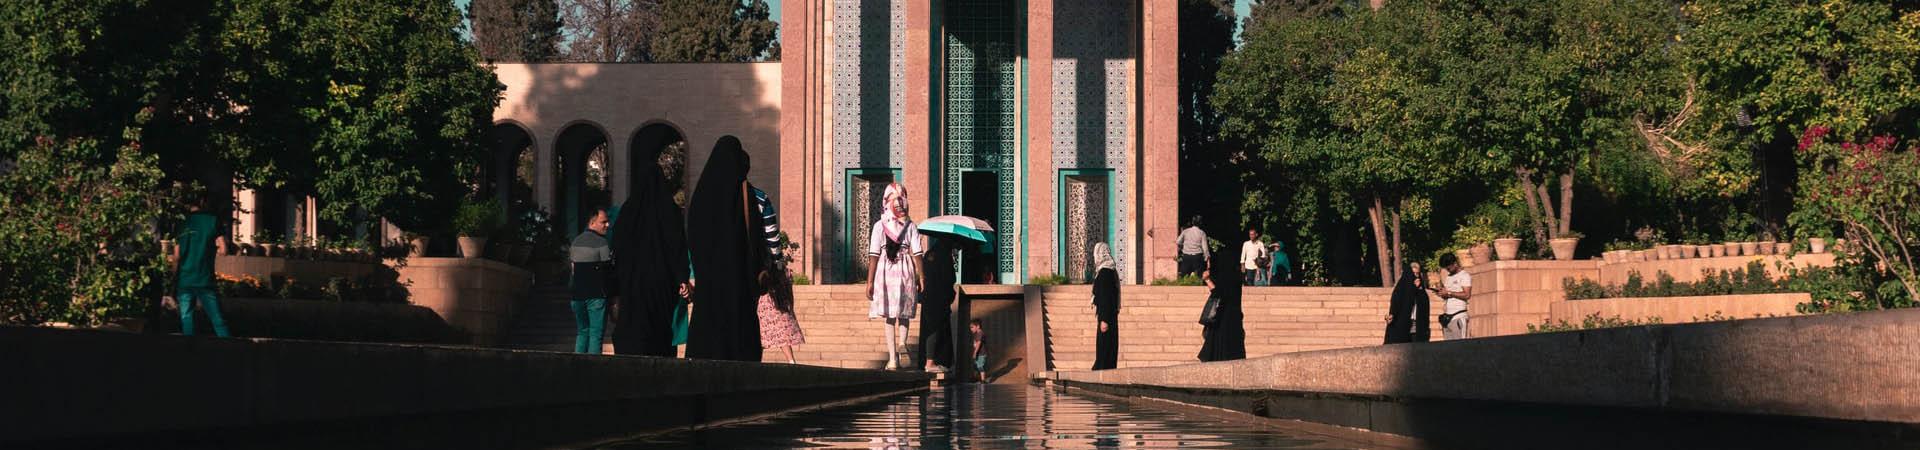 تورهای لوکس شیراز - نهال گشت